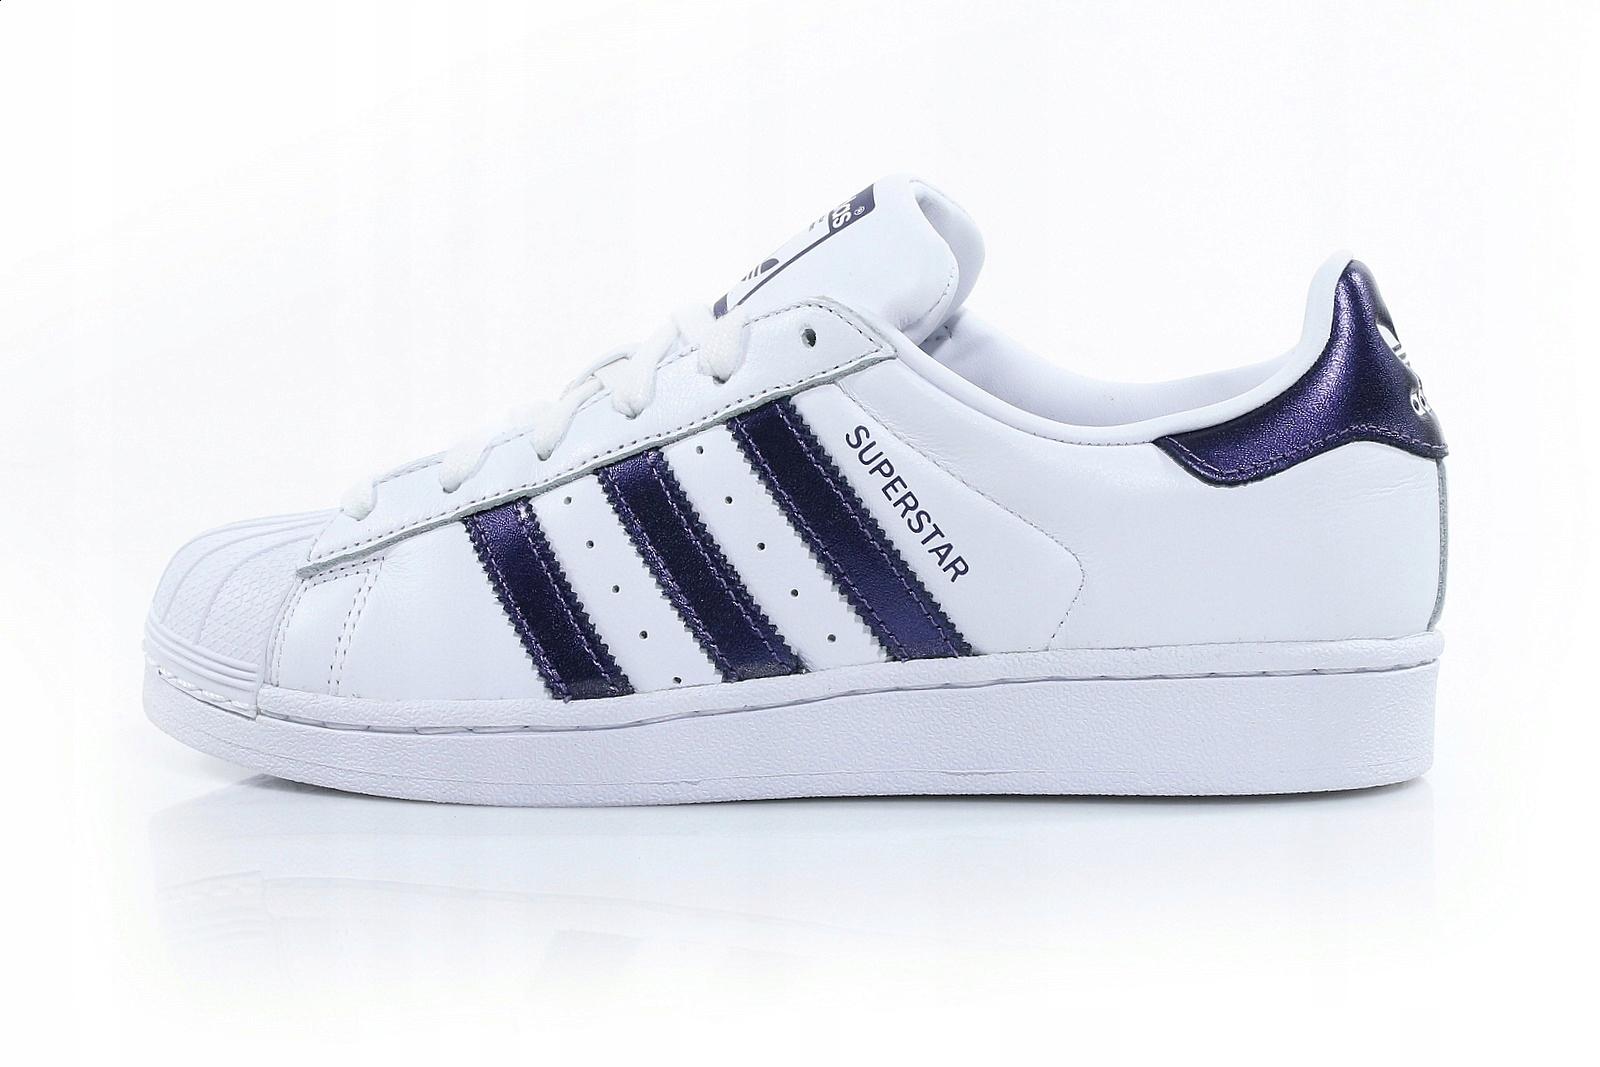 buty jesienne ekskluzywne buty najnowsza kolekcja Buty adidas SUPERSTAR W CG5464 r.39 1/3 - 7227736432 ...